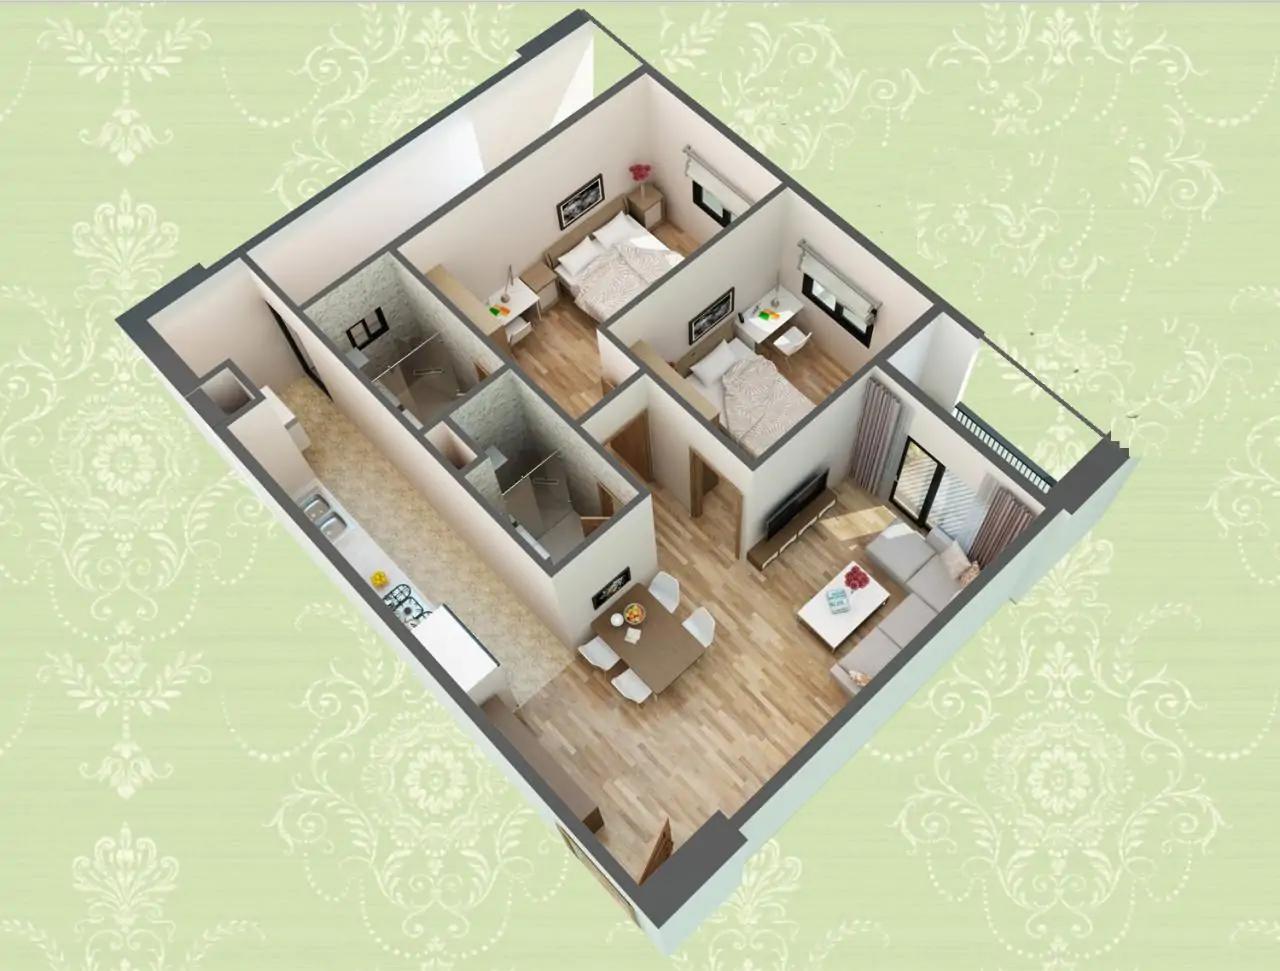 Có nhiều loại hình căn hộ cho quý khách hàng lựa chọn